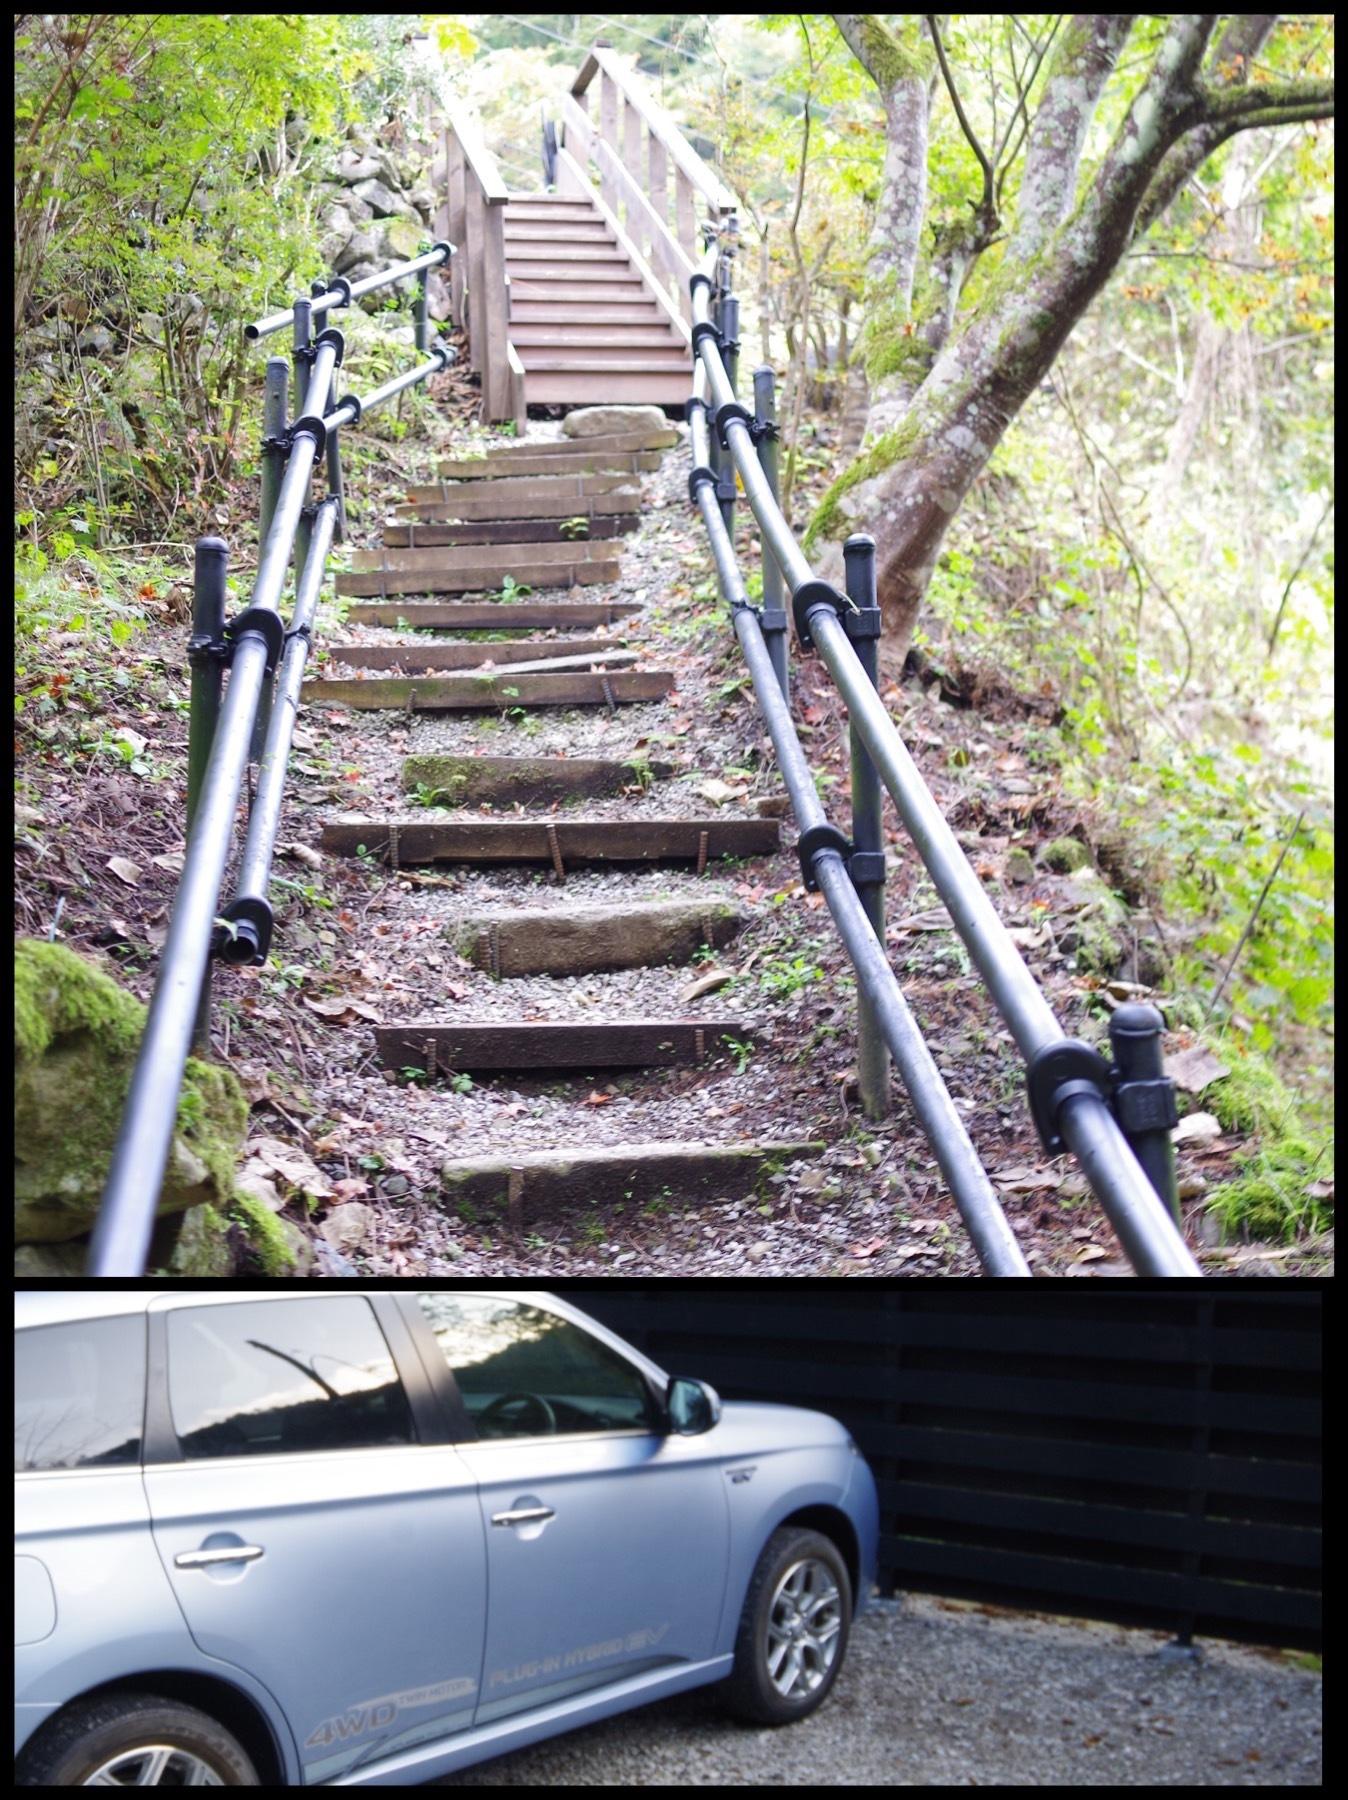 秋川渓谷 KEIKOKU GLANPING TENT SUITE スイートサイト 渓谷グランピング